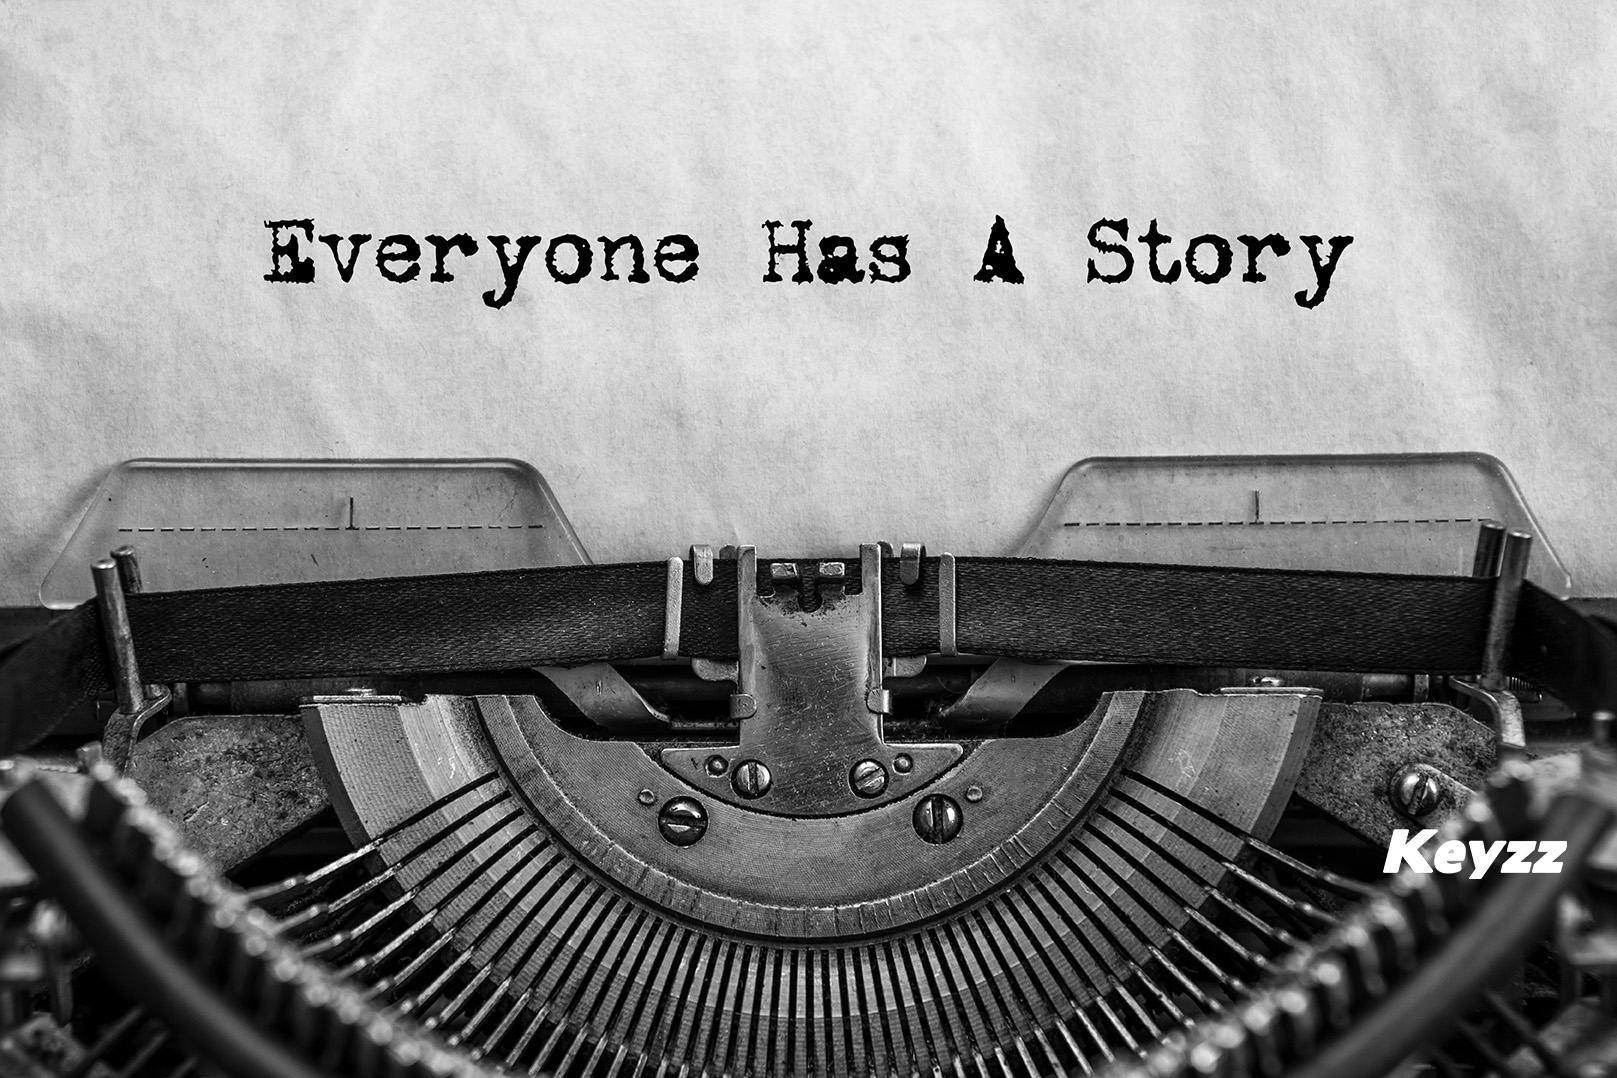 Keyzz_blog_utilisez_le_story-telling_marketing digital